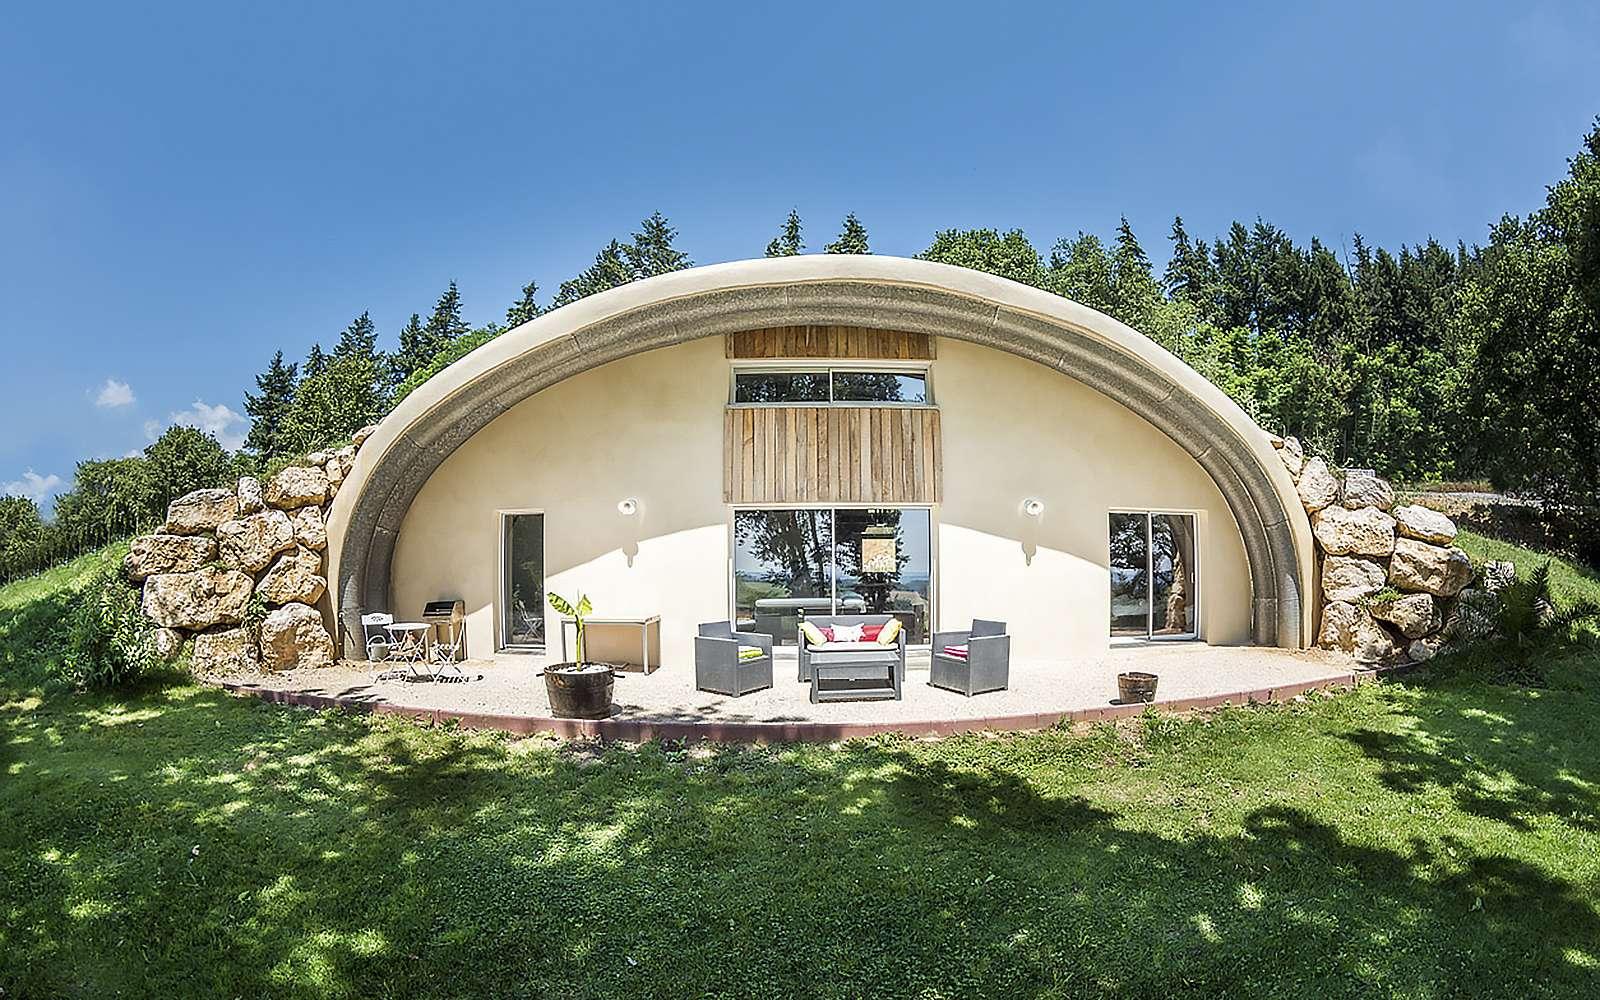 La maison Hobbit semi-enterrée. © Photographie Courtesy of NaturaDome